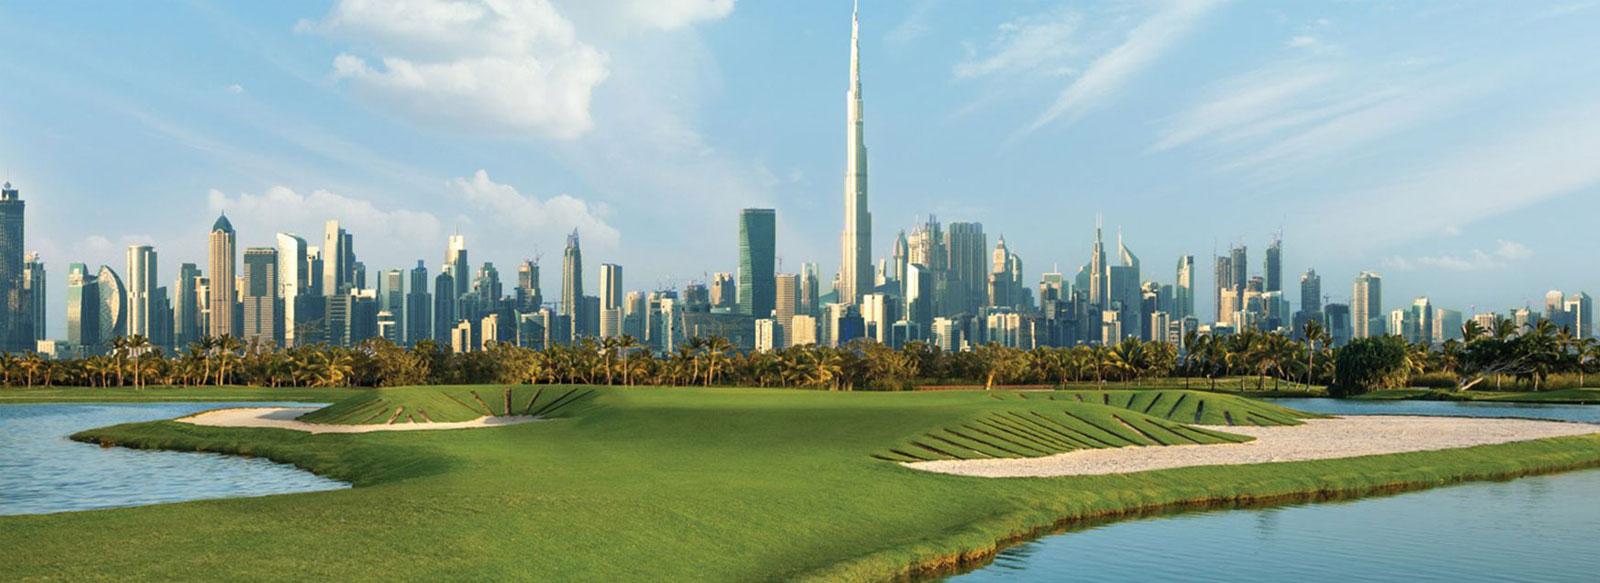 Upcoming Development by Emaar Properties